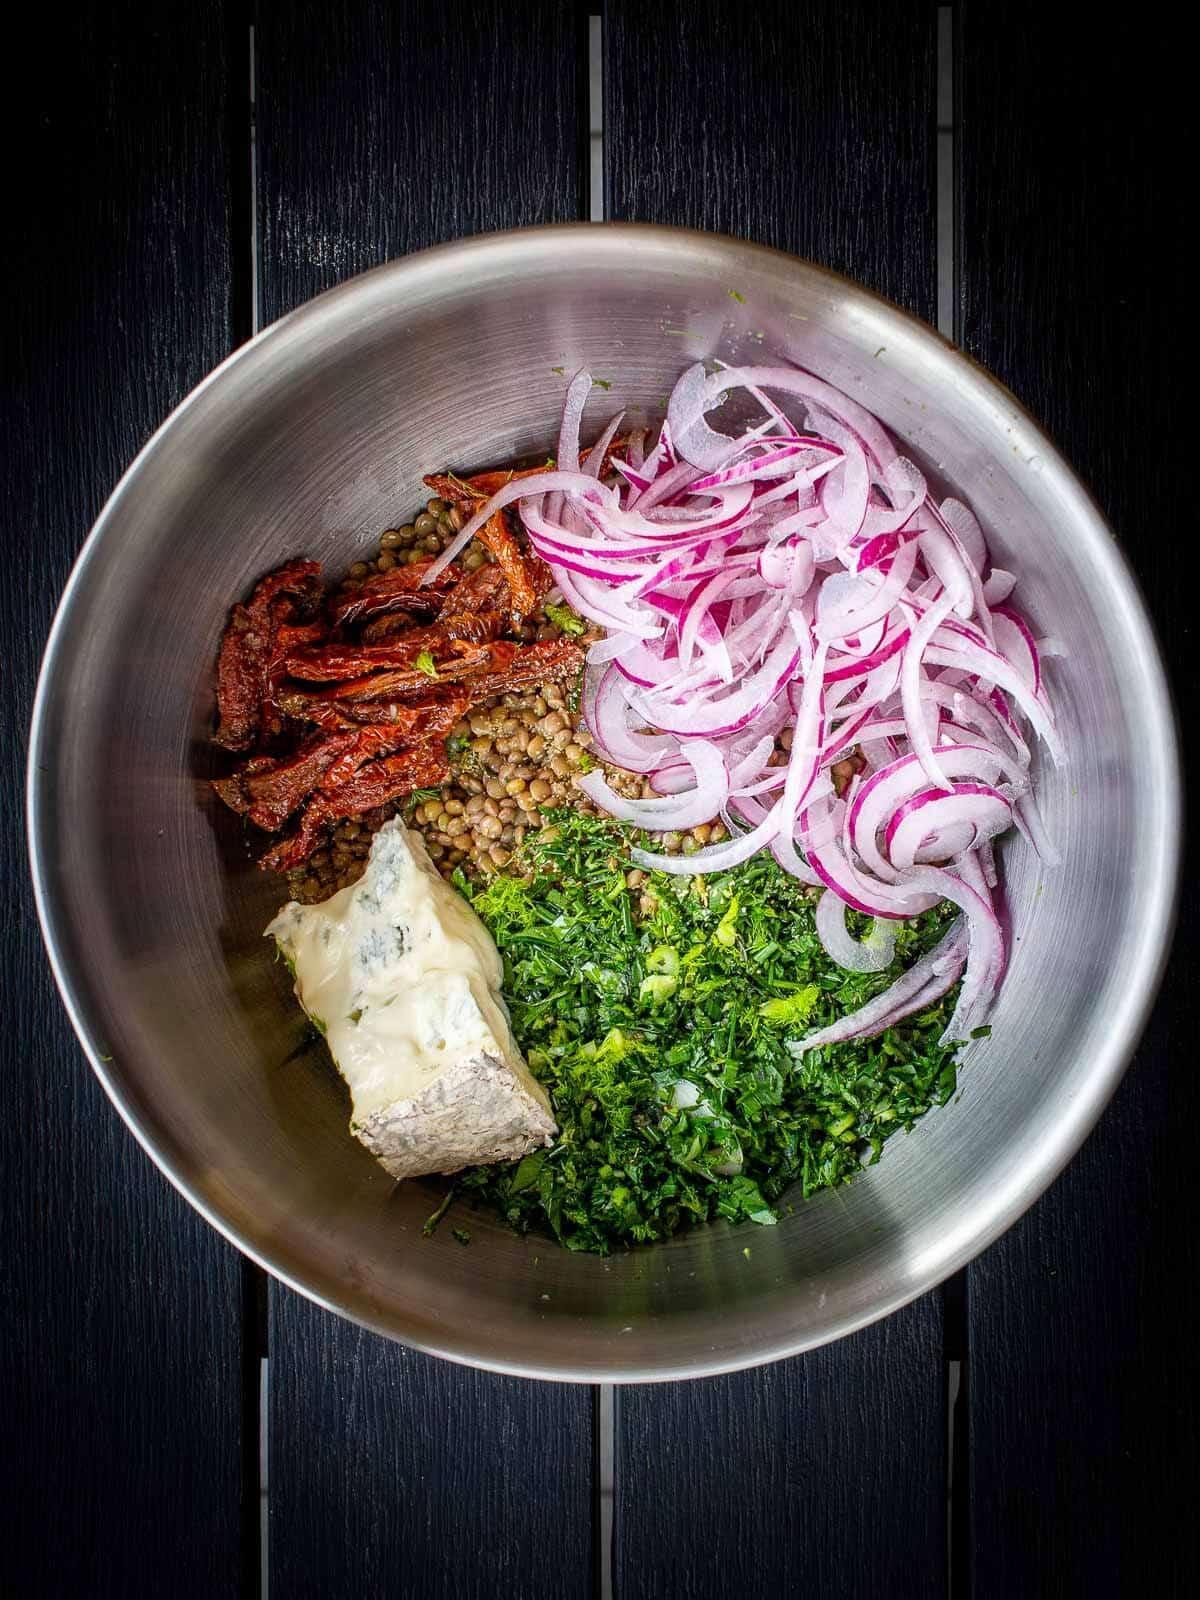 blue cheese lentils salad ingredients